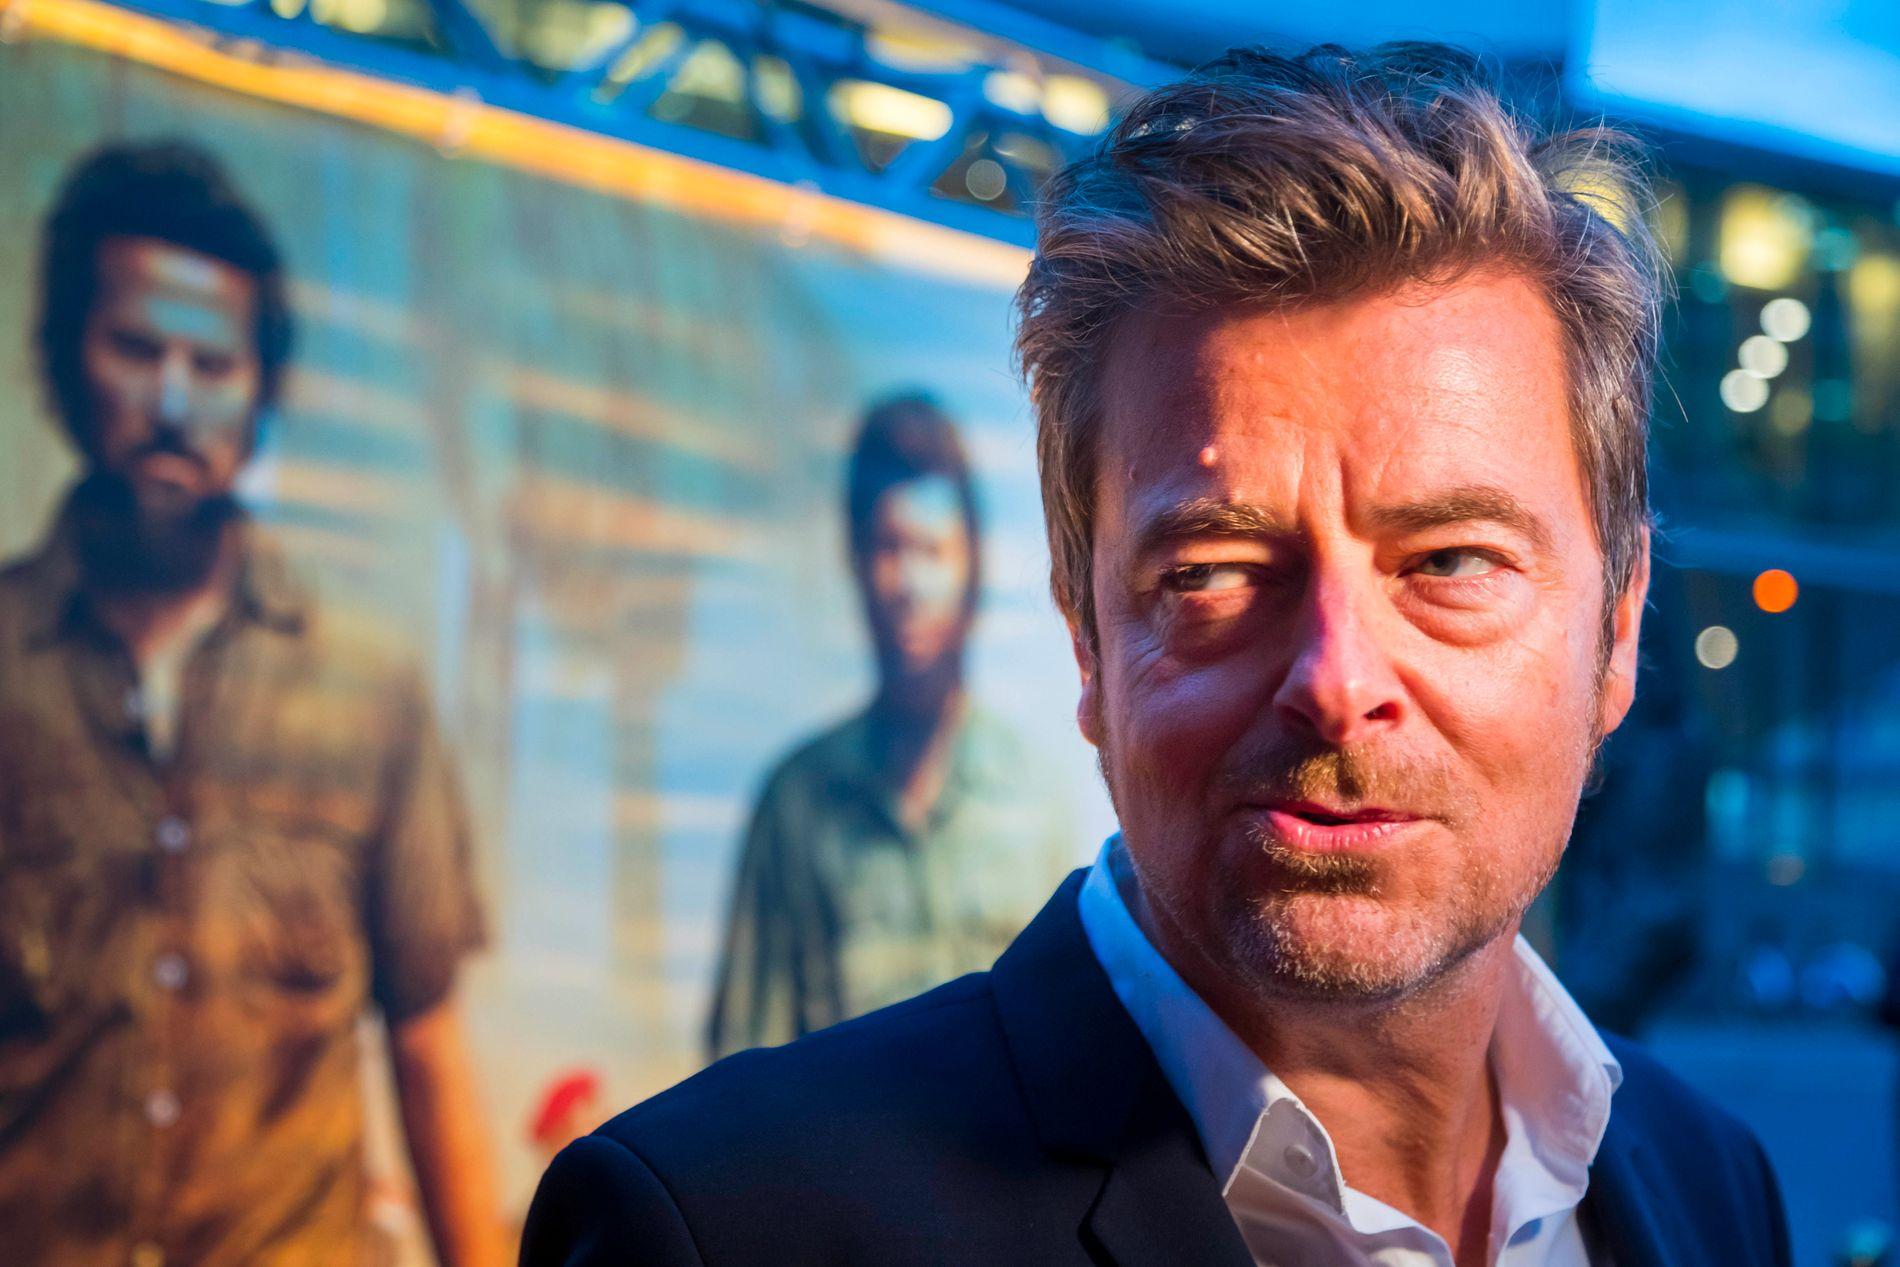 IKKE BETALT: – Vi har ikke bidratt med noen form for økonomisk kompensasjon til Joshua French i forbindelse med denne filmen, sier regissøren Marius Holst.